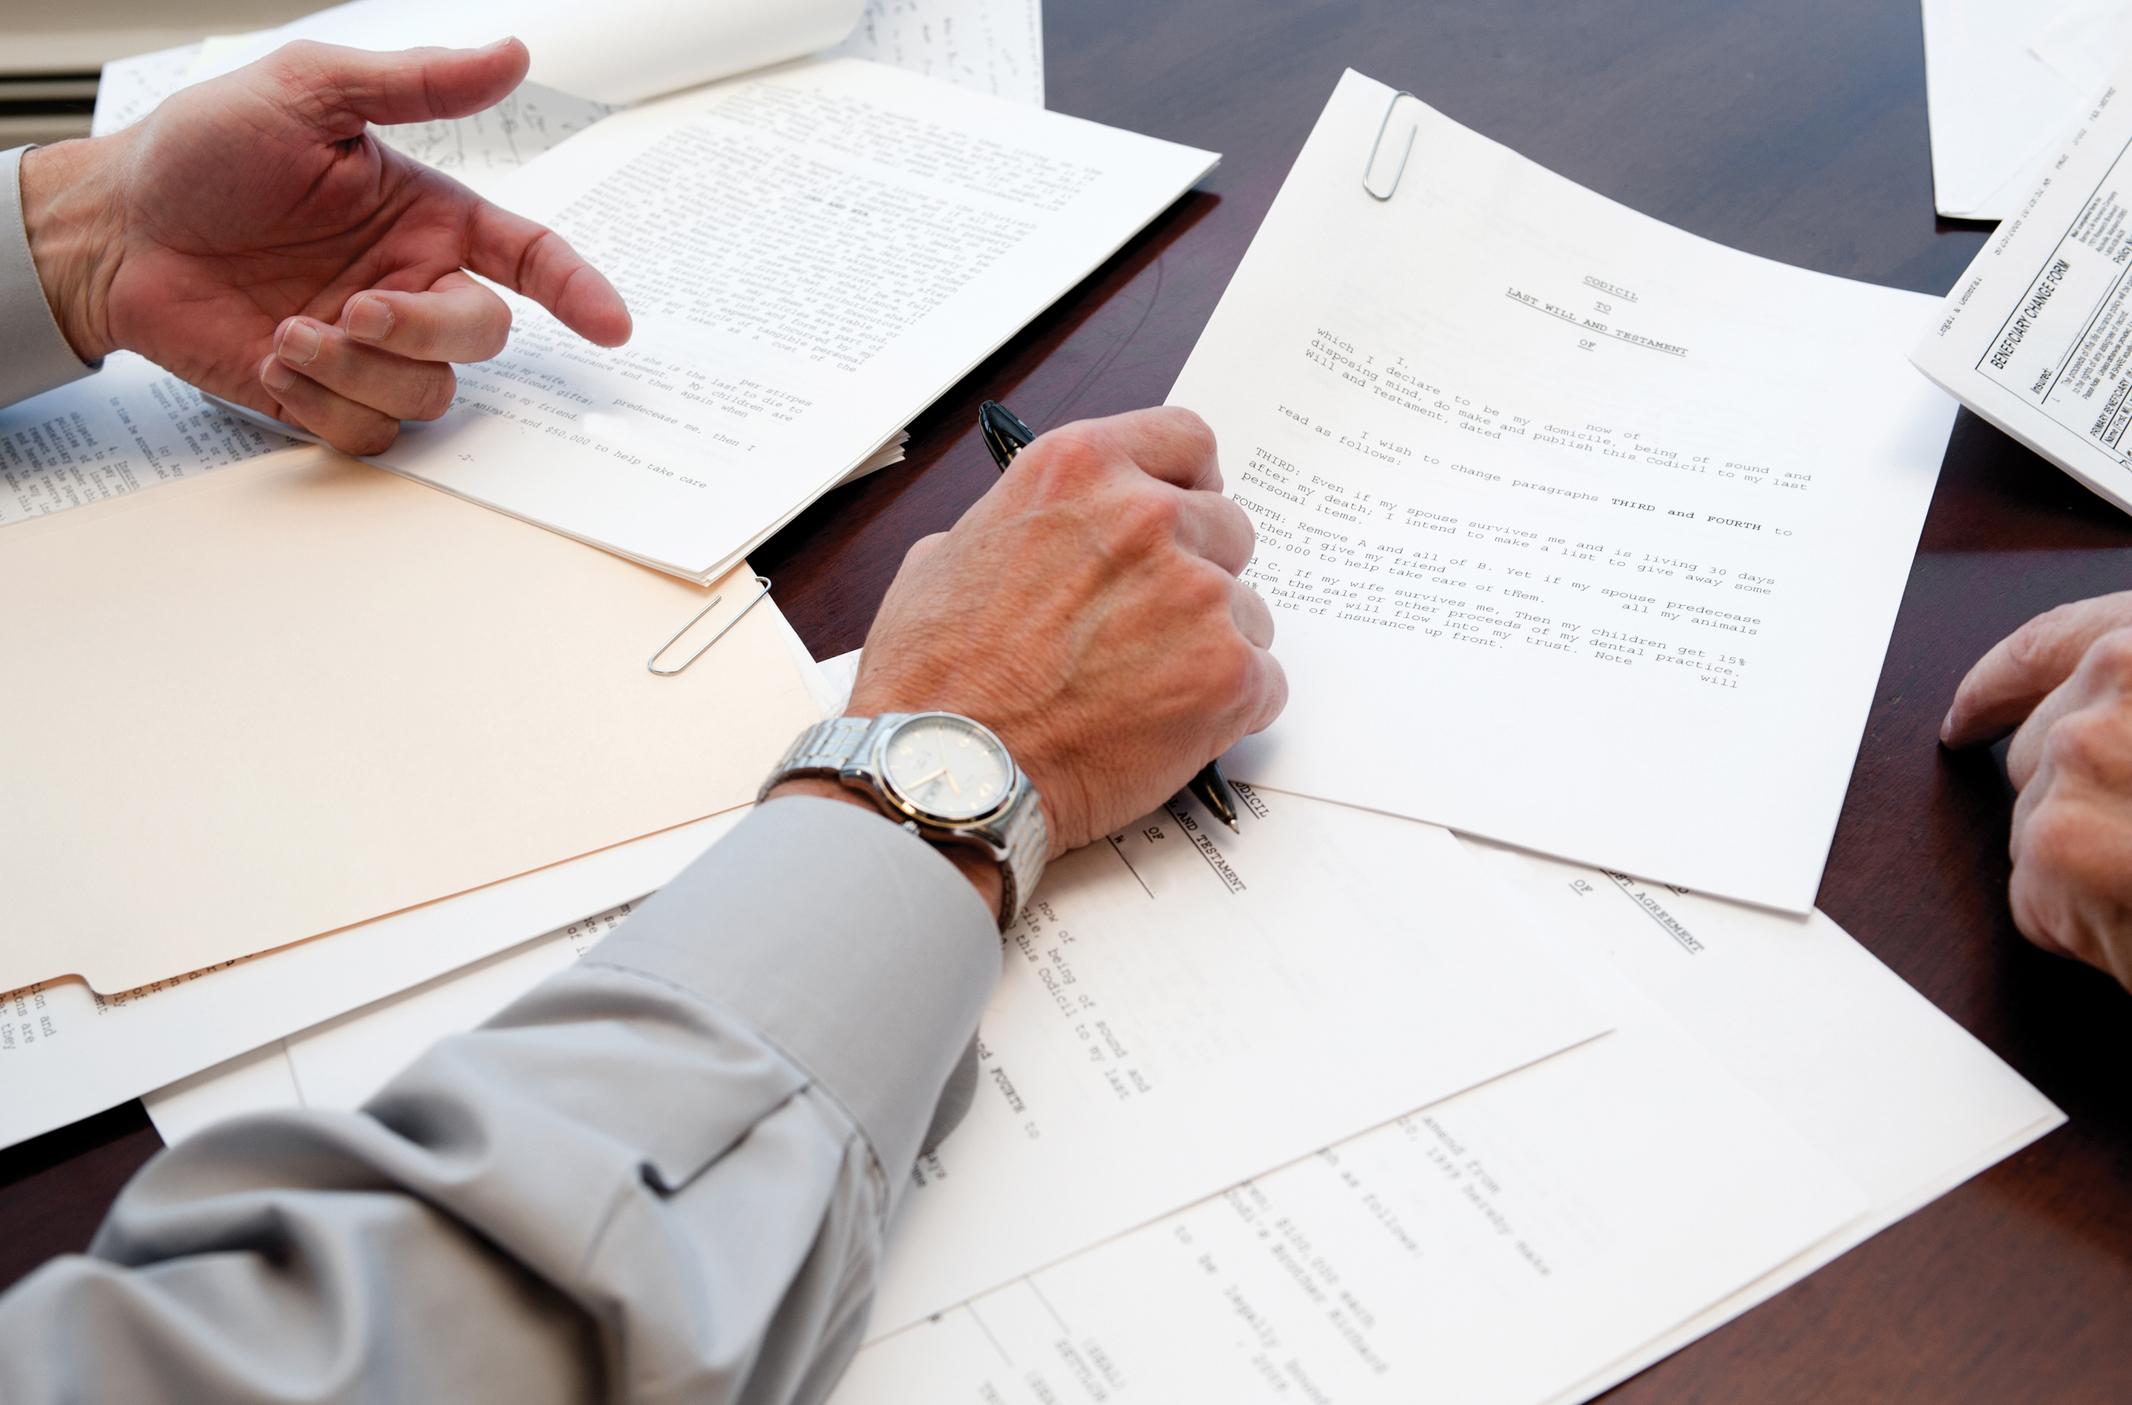 Les 5 étapes clés pour faire son testament - Odella.fr